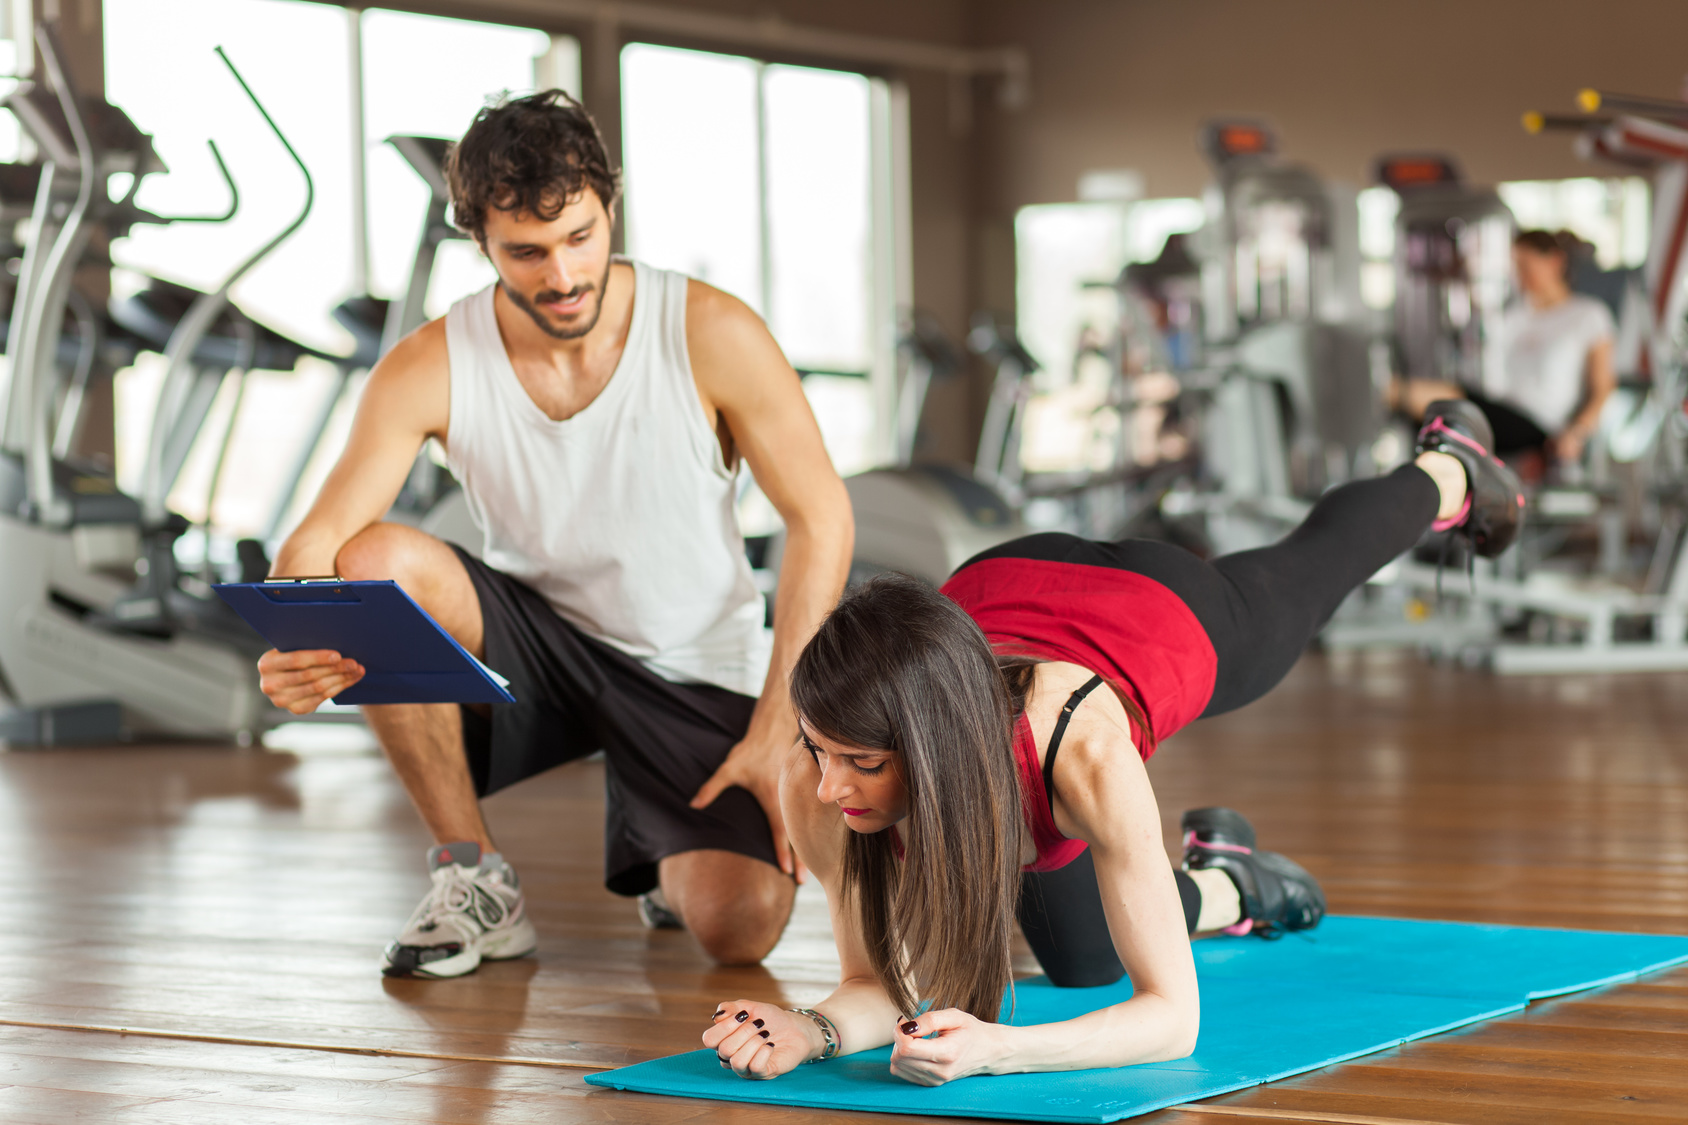 Jak skutecznie schudnąć - dieta i ćwiczenia na schudnięcie - Total Fitness Mangosteen